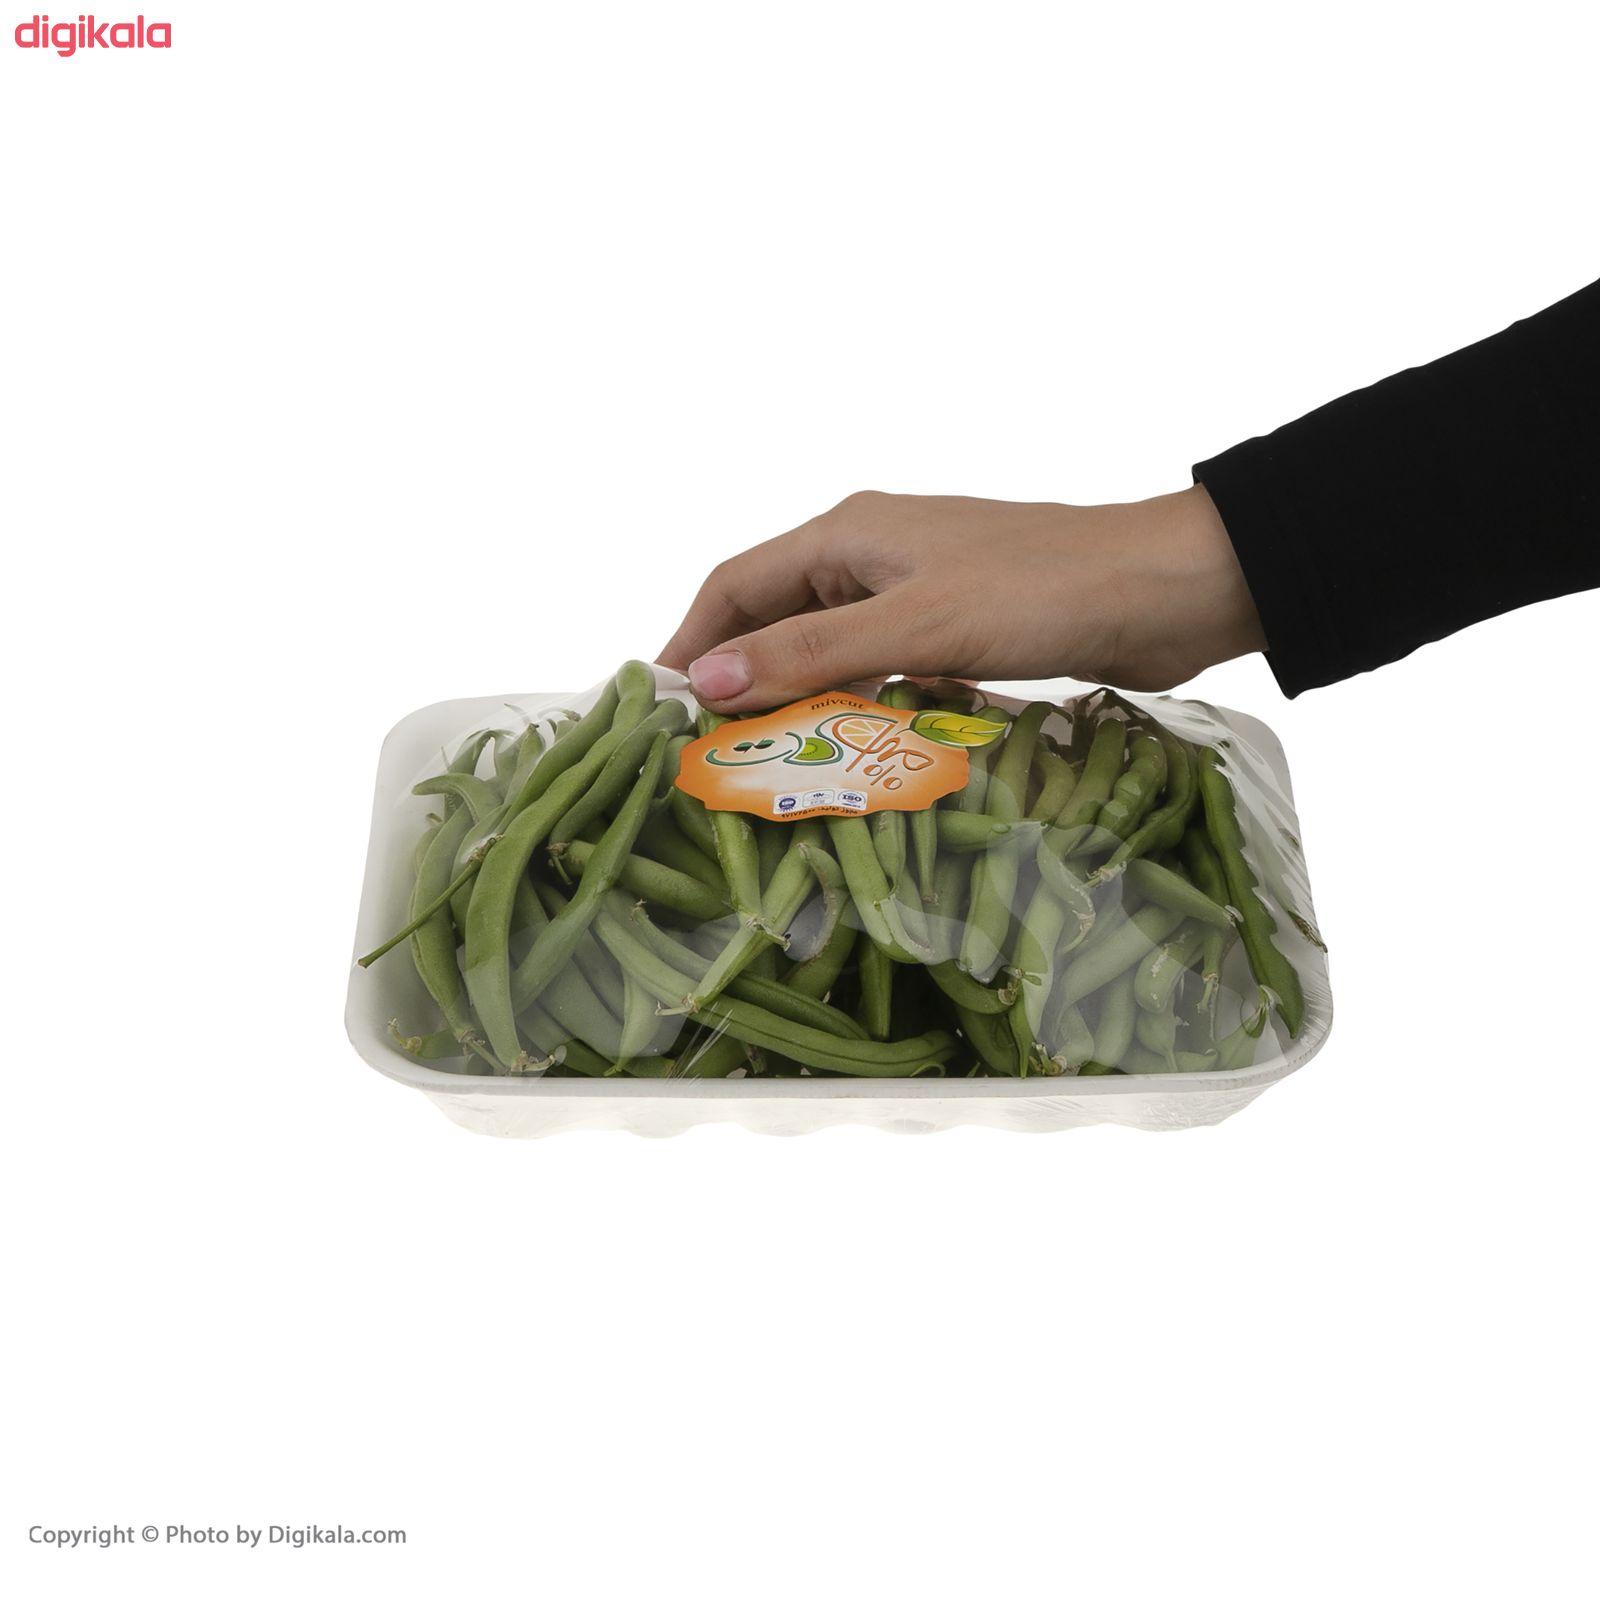 لوبیا سبز میوکات - 1 کیلوگرم main 1 3